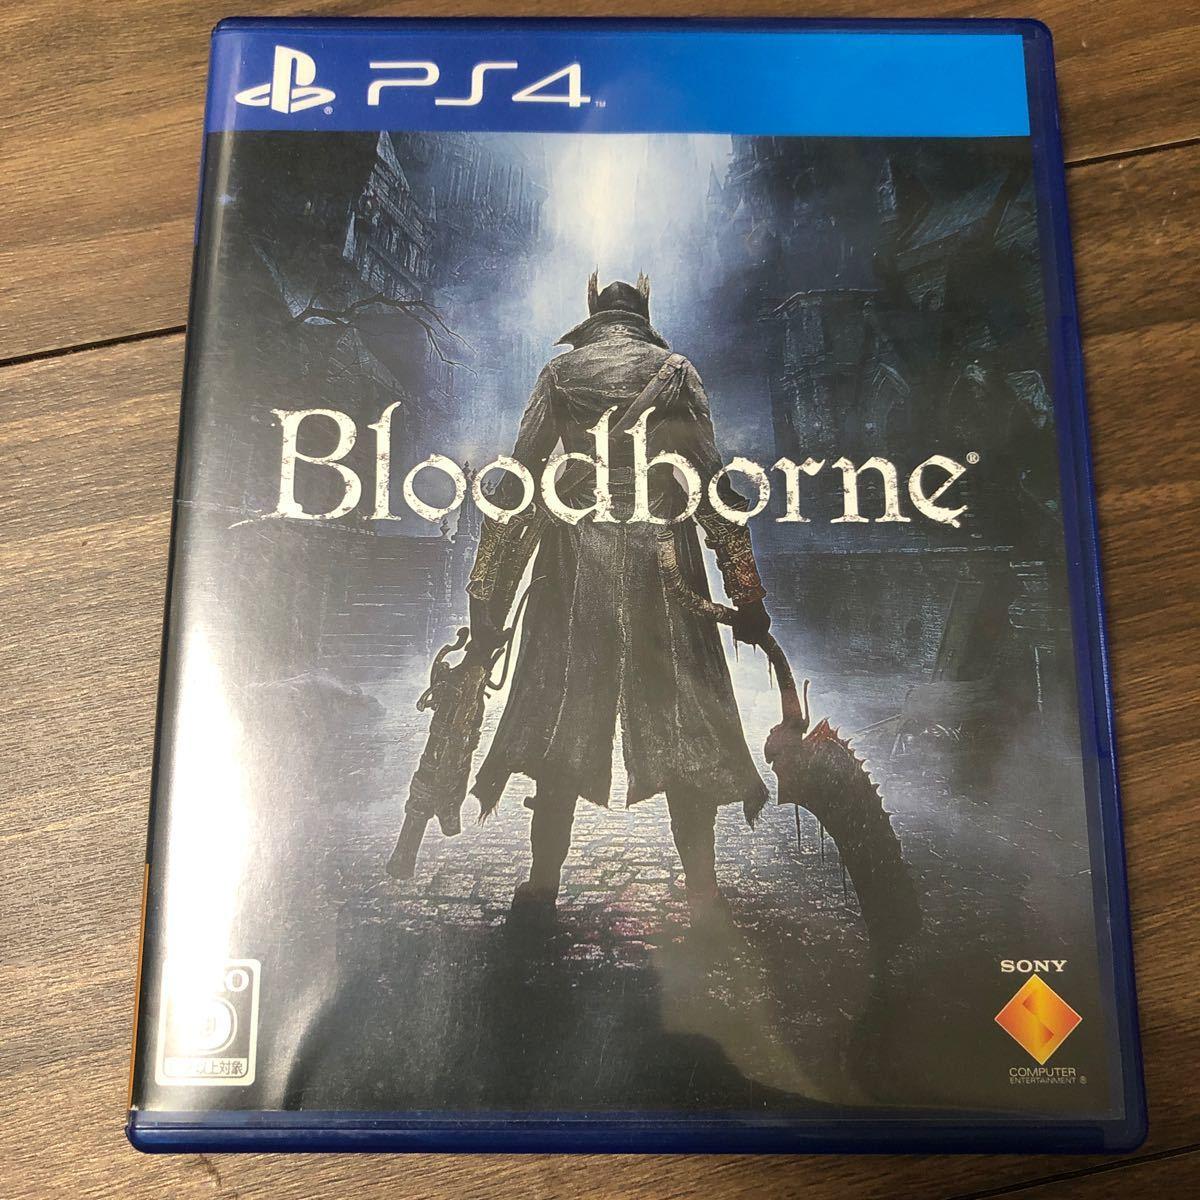 【PS4】 Bloodborne [通常版]